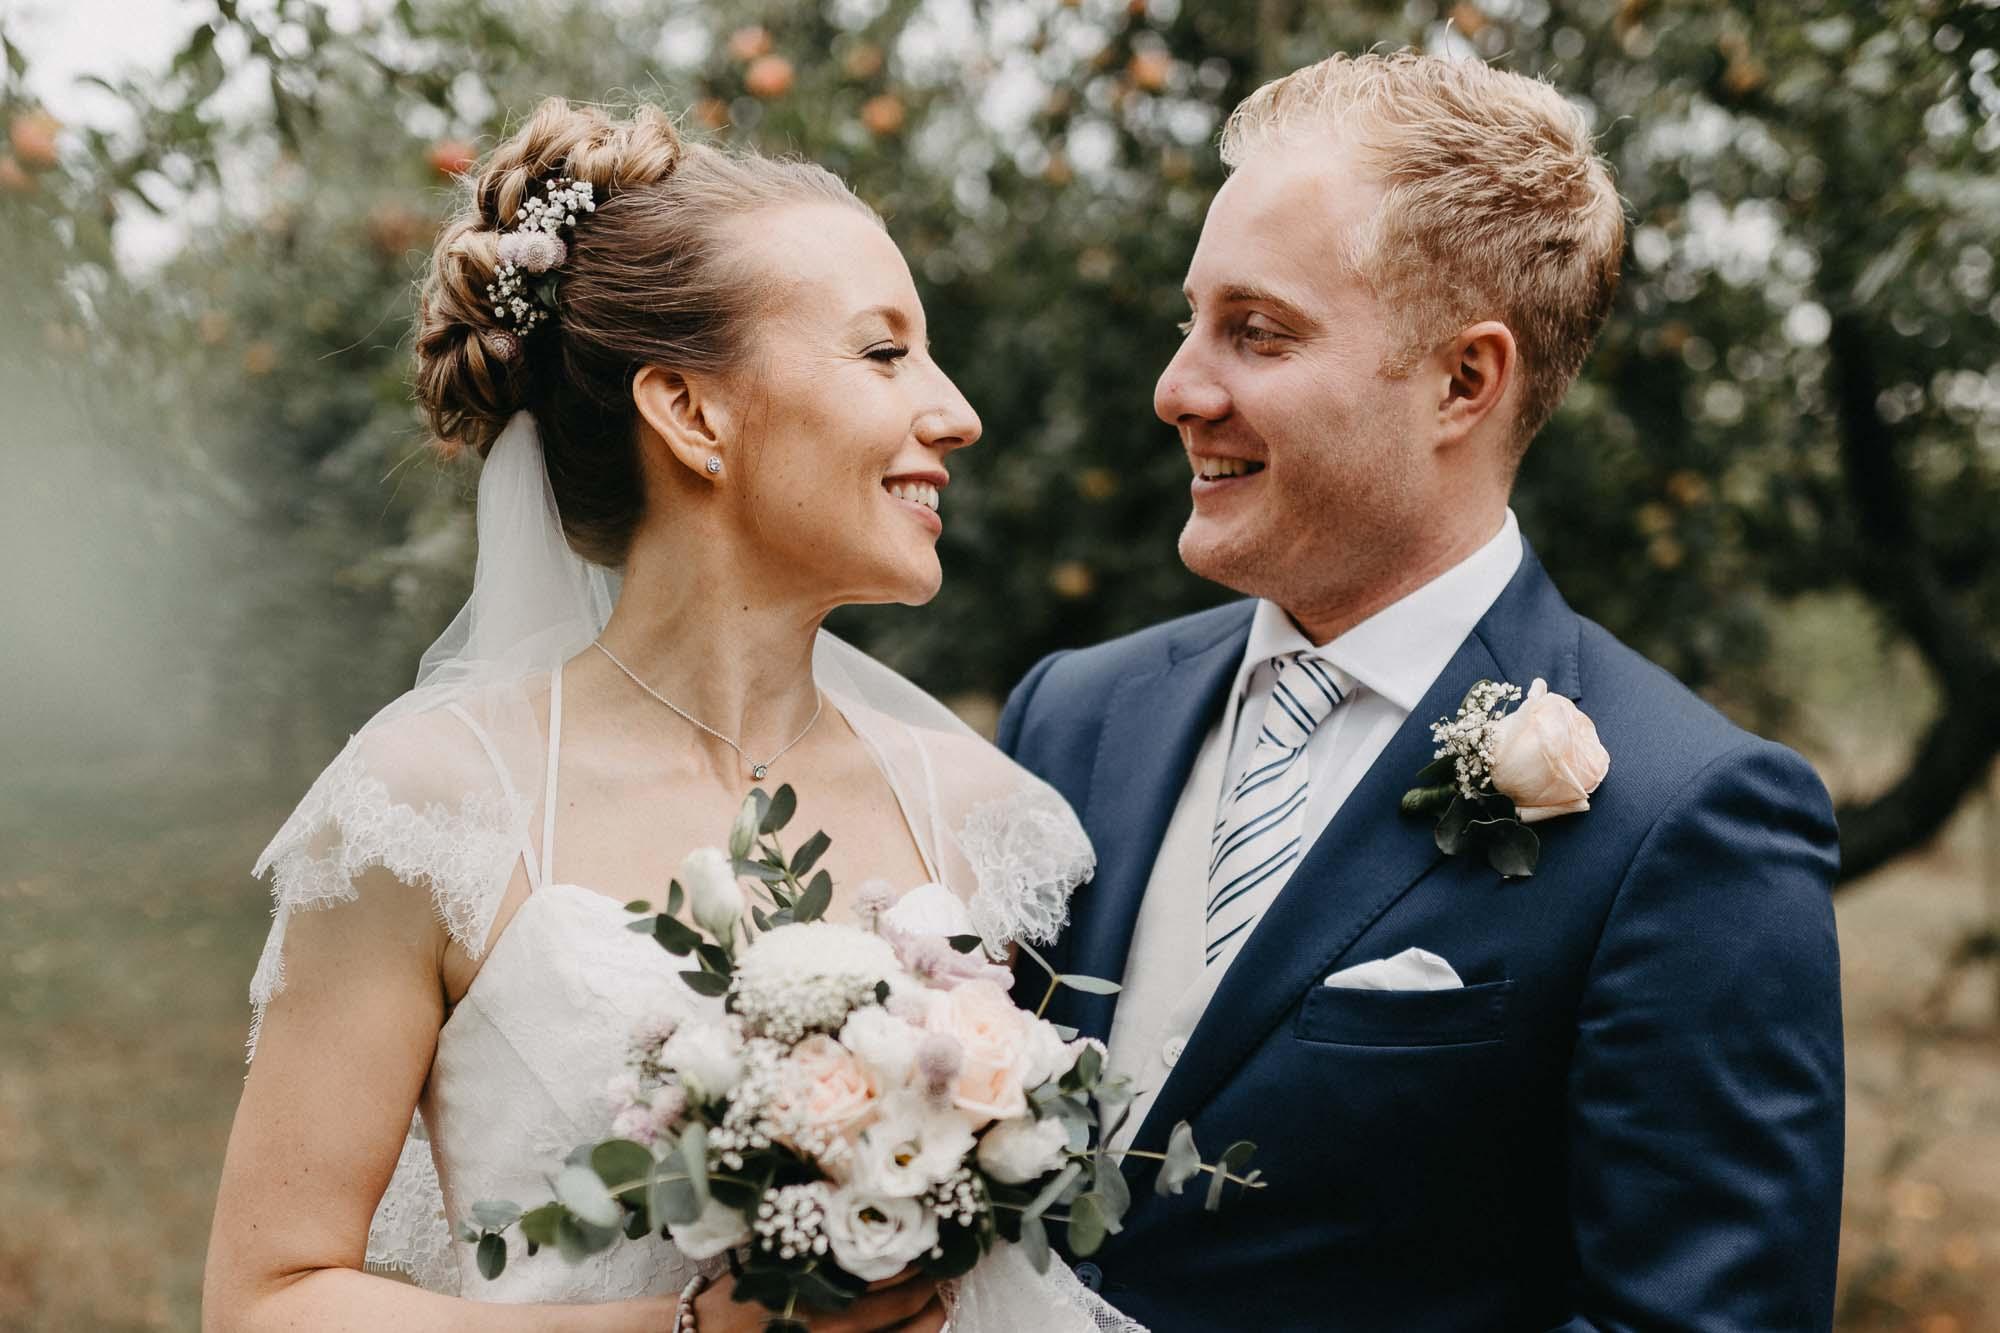 Das Brautpaar schaut sich verliebt an.